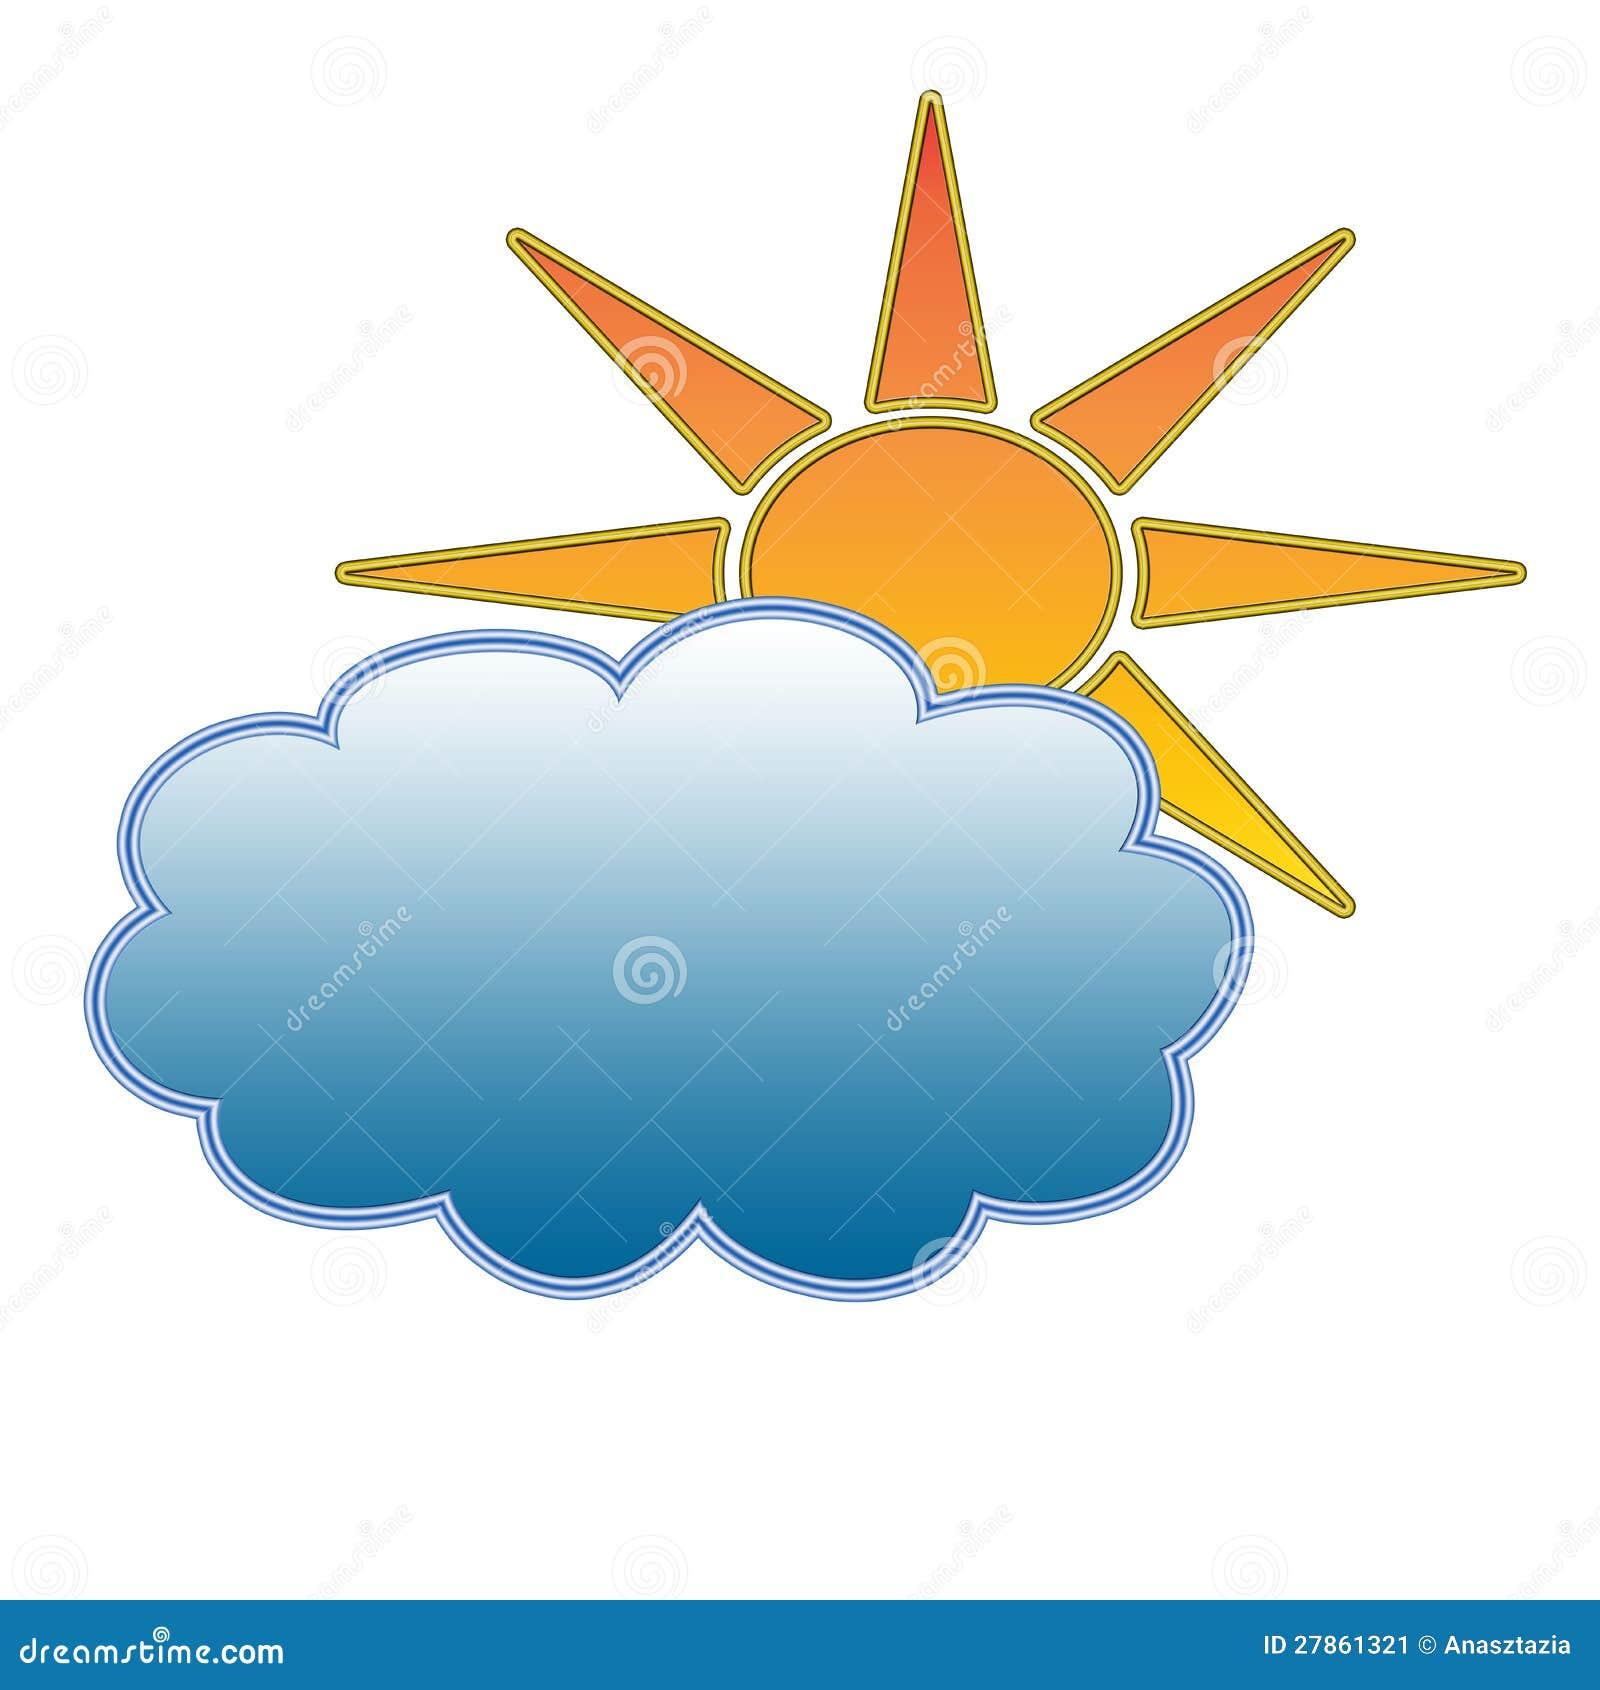 Prognozy pogody ikona